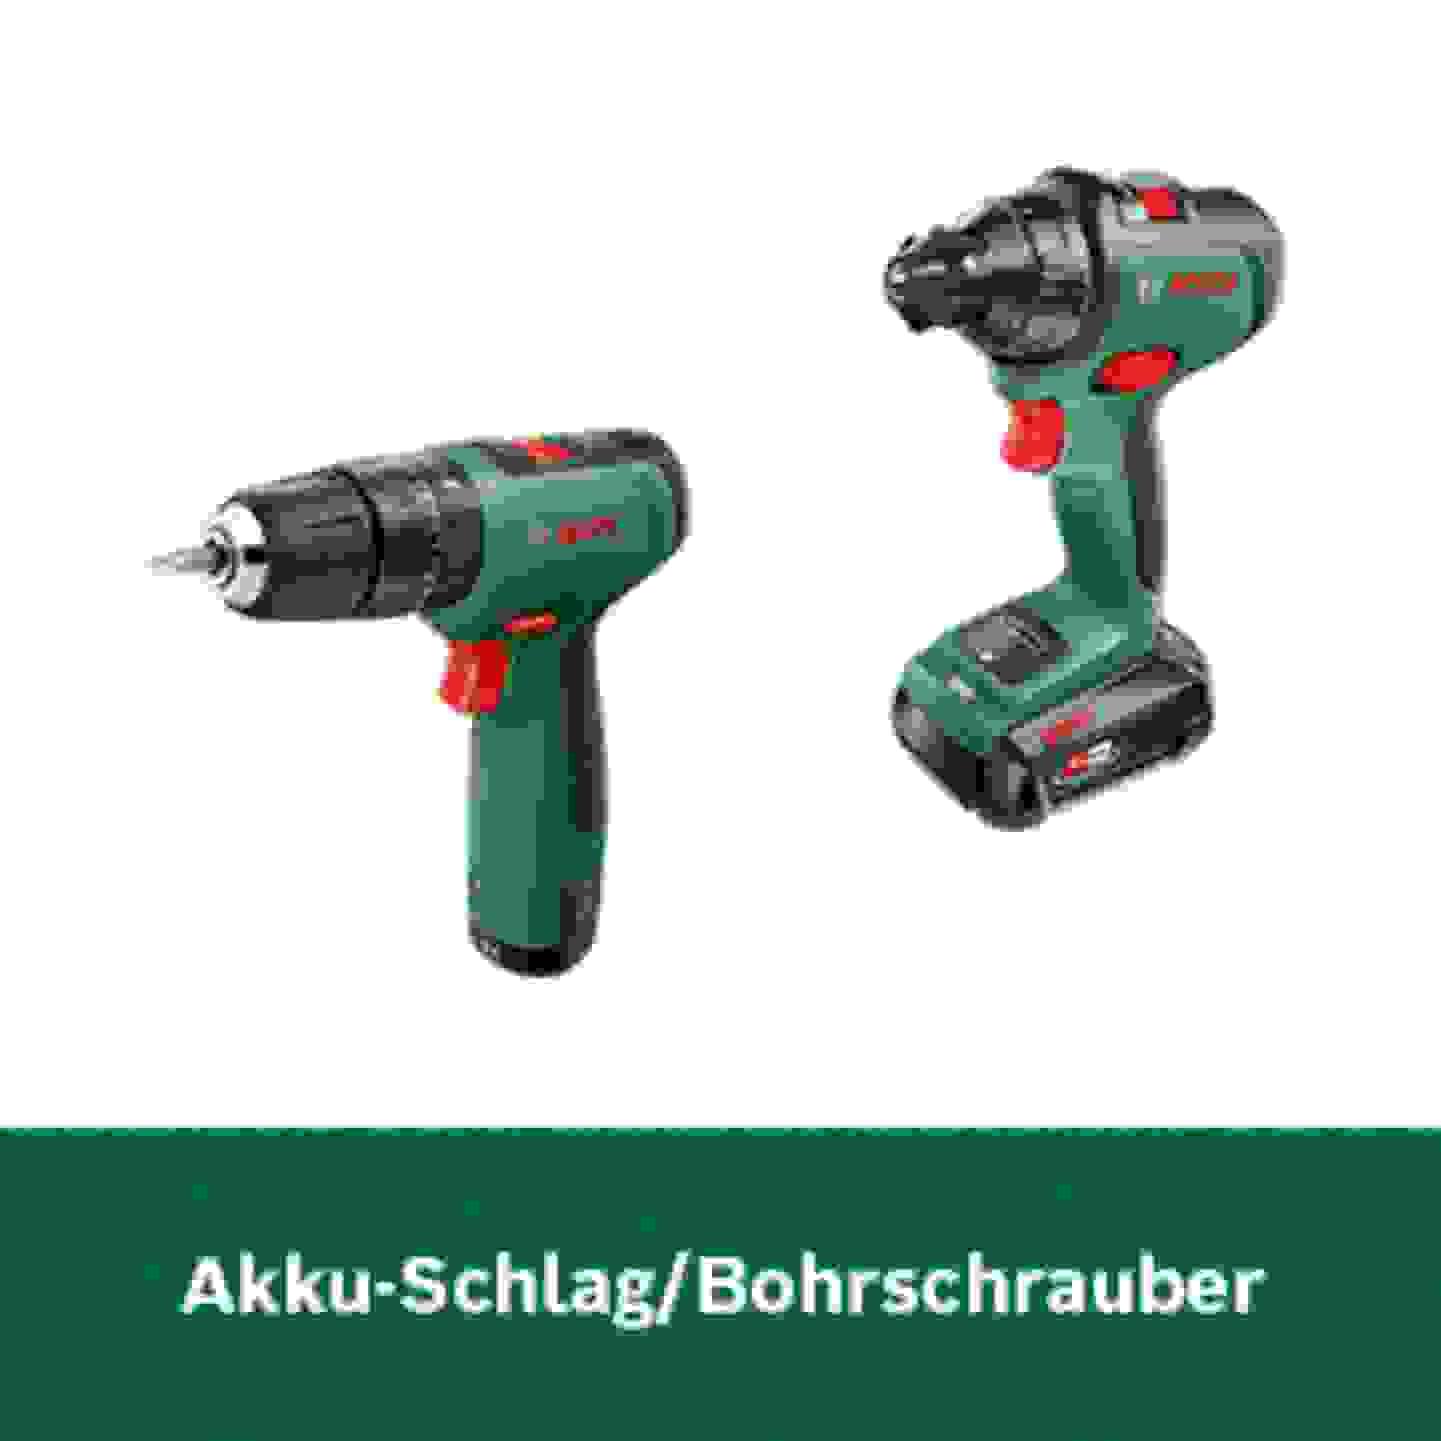 Bosch Akku-Schlag/Bohrschrauber